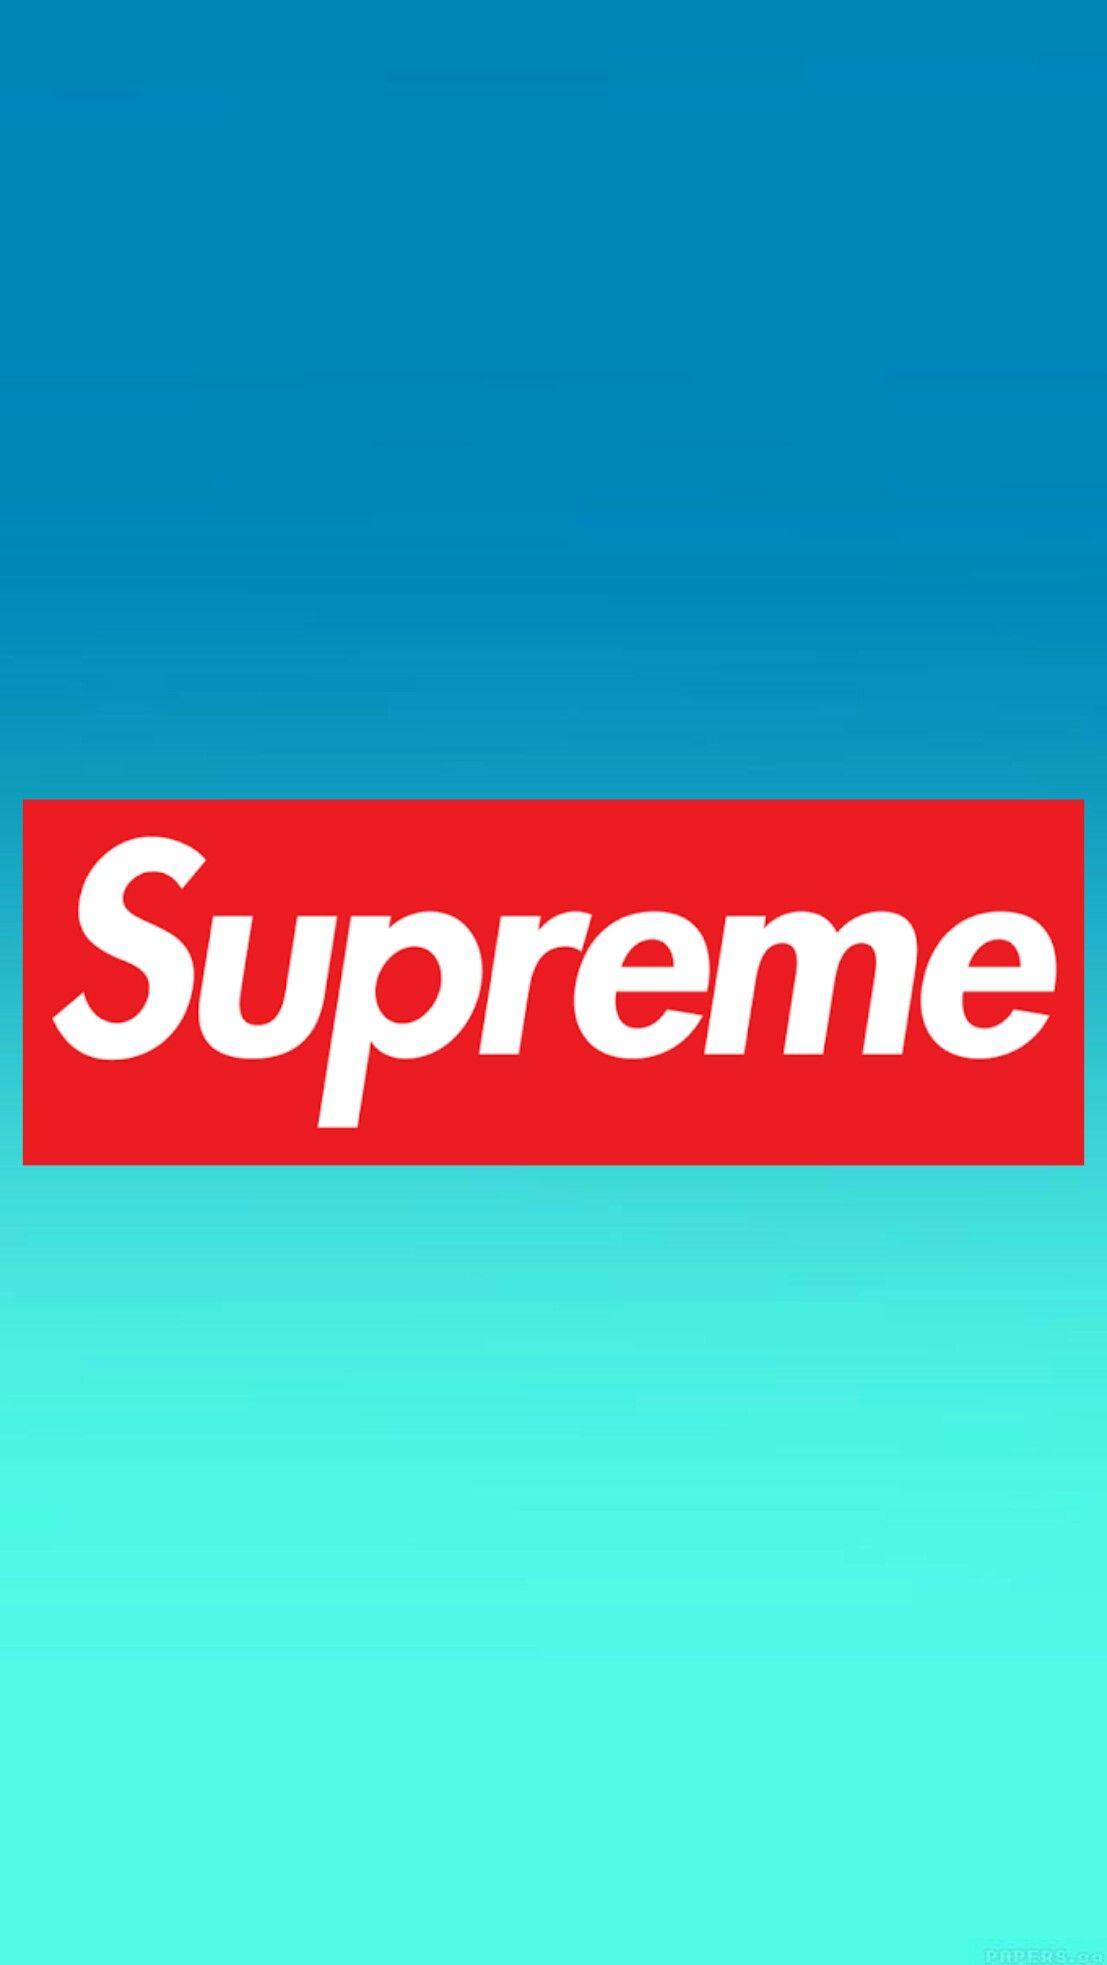 Samsung Edge S6 Supreme Black Wallpaper Android Iphone Supreme Wallpaper Supreme Iphone Wallpaper Supreme